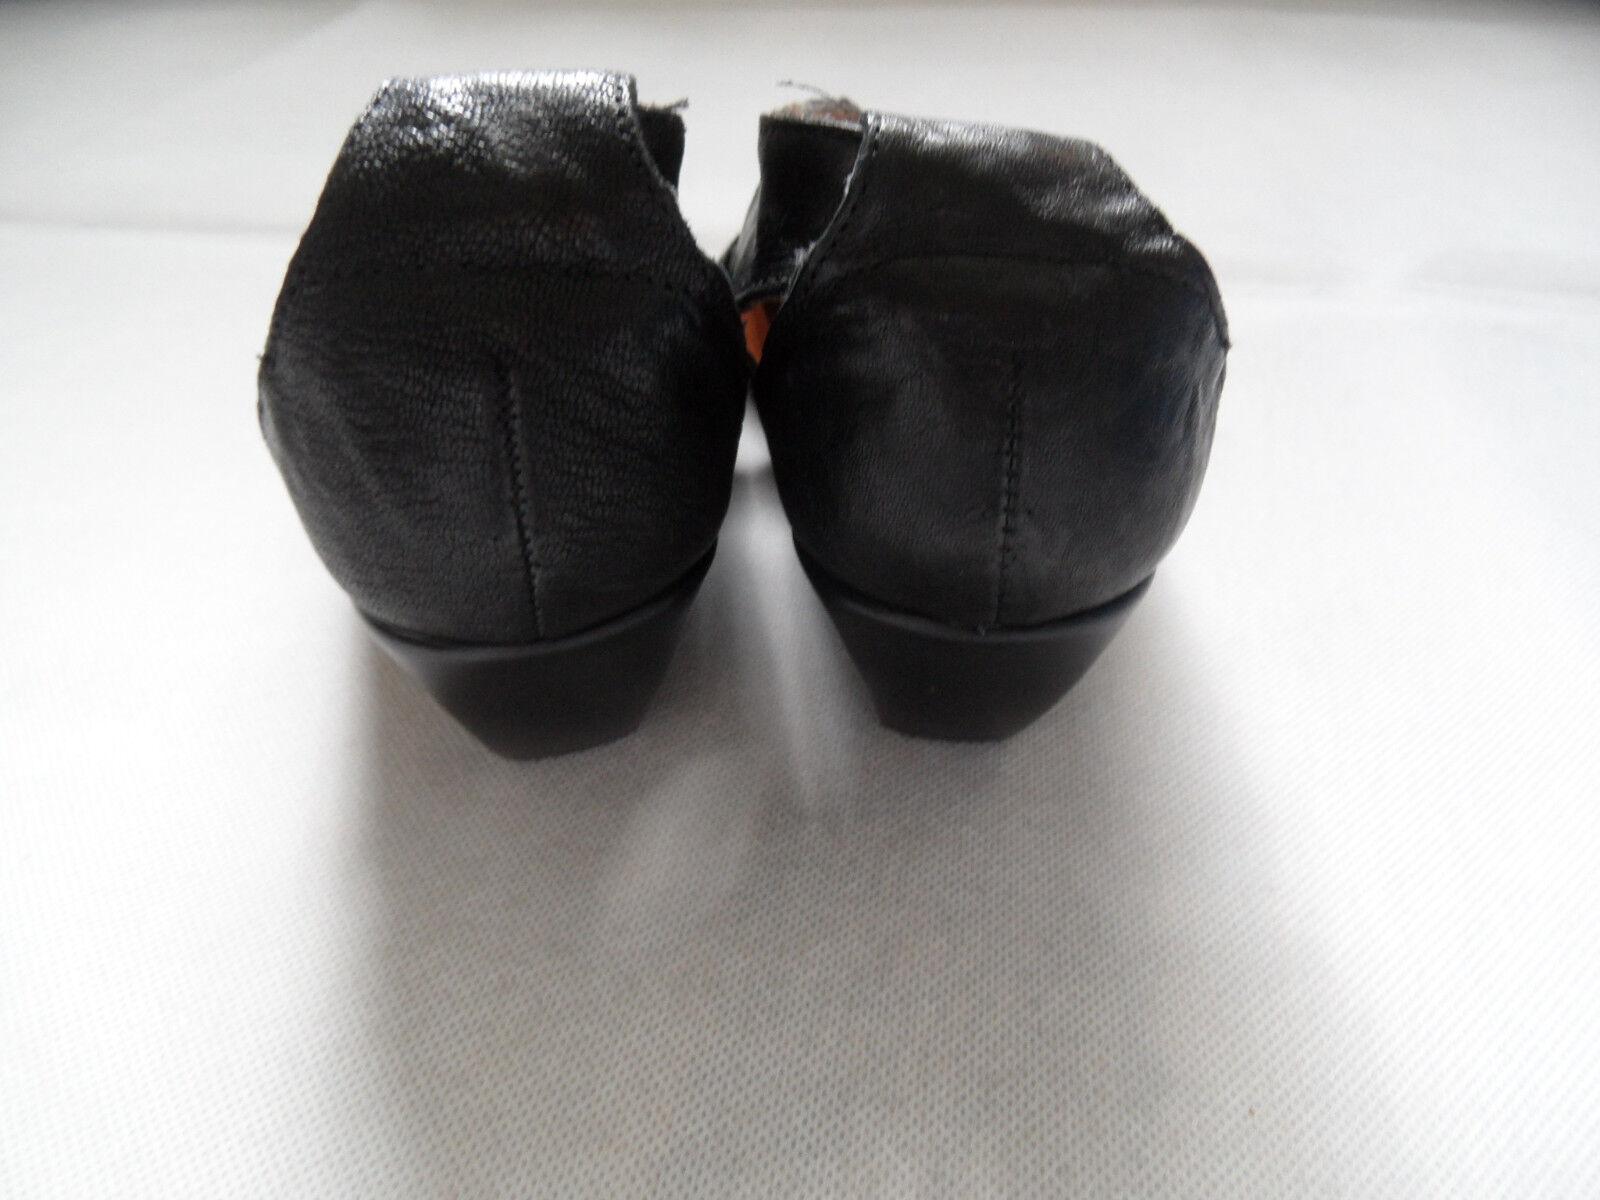 THINK schöne Sandalen mit kleinem Absatz 618 schwarz Gr. 36 TOP 618 Absatz fb360e